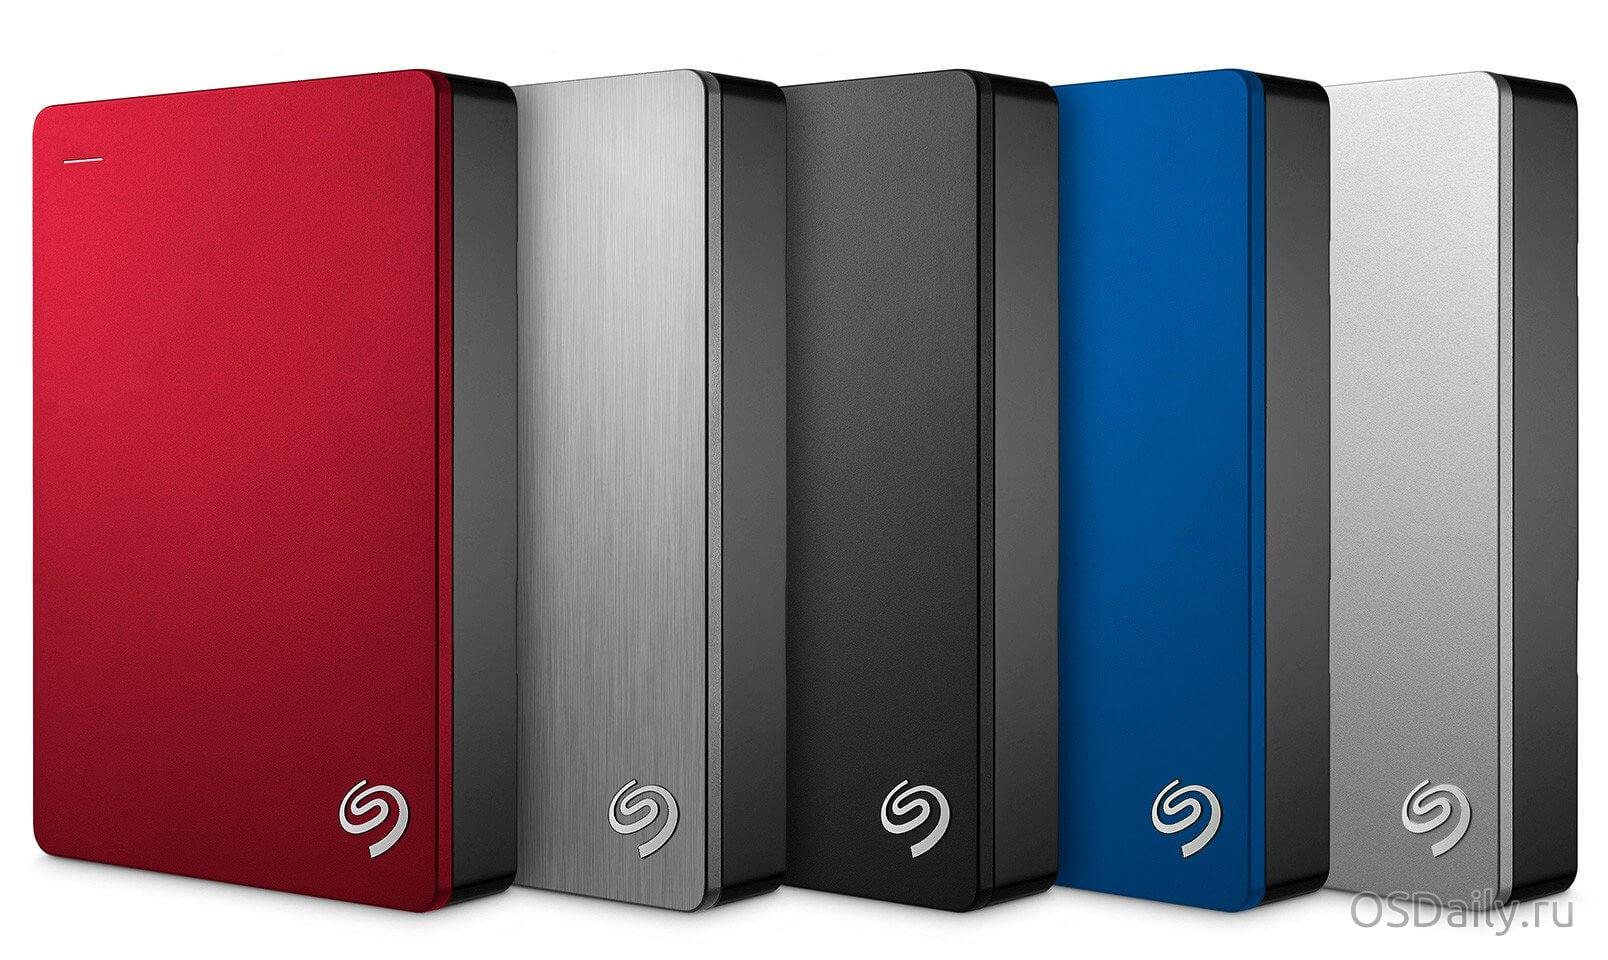 Компания Seagate выпускает портативный жесткий диск на 5 ТБ